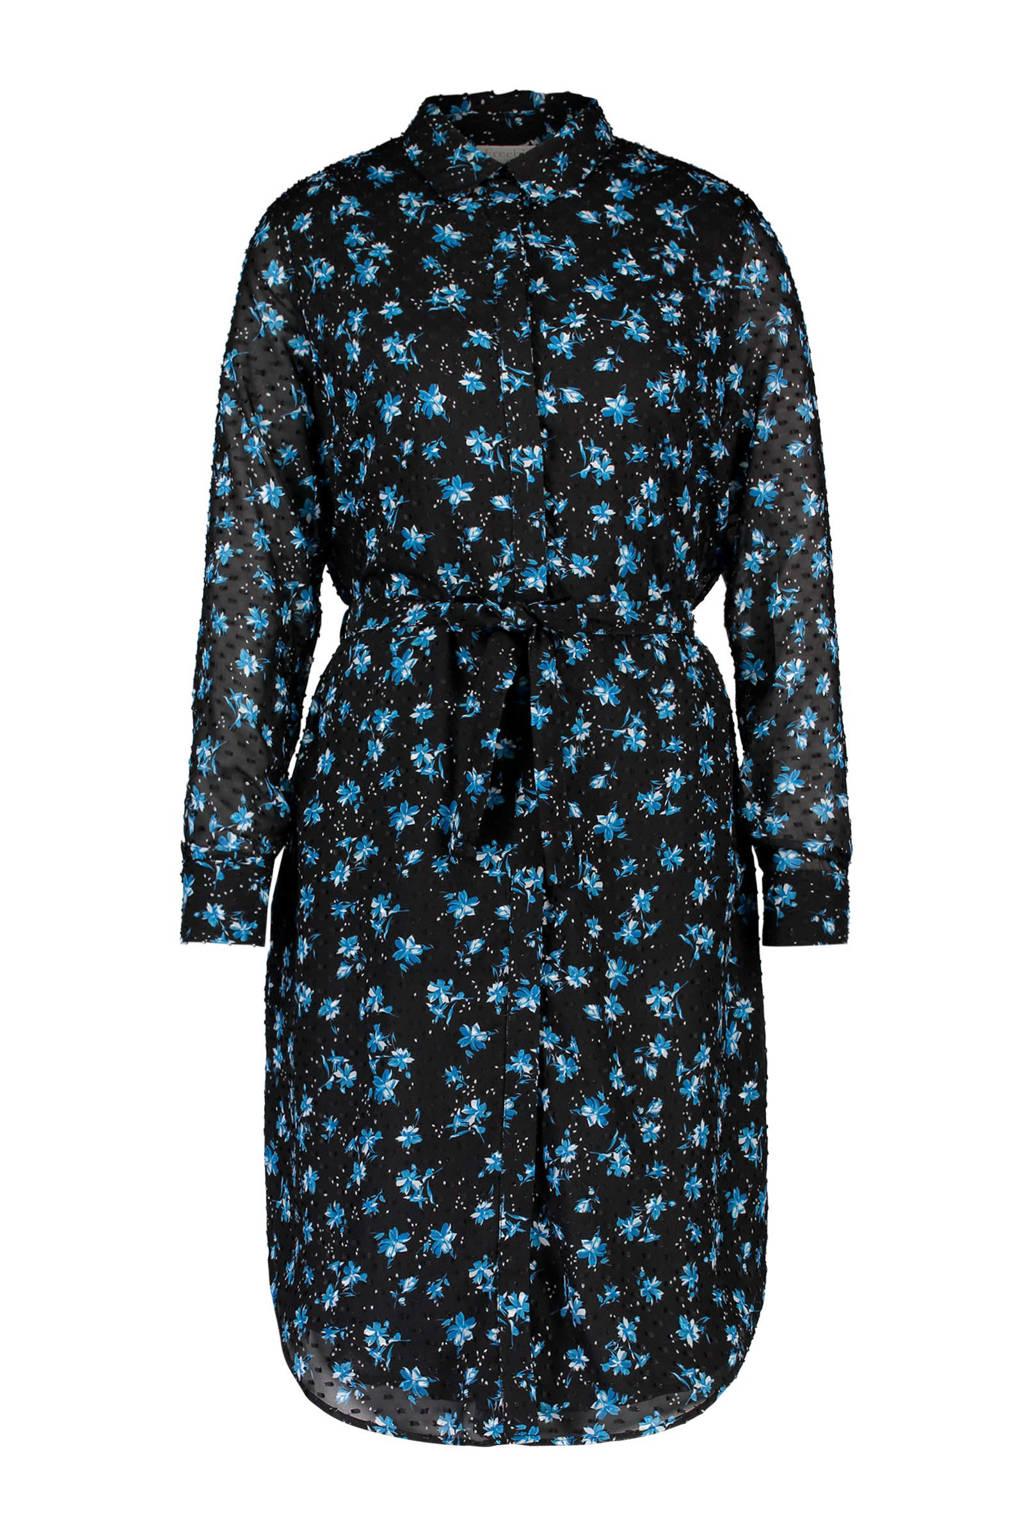 Bloemen Met Blauw Met Blauw Freebird Blousejurk Bloemen Blousejurk Freebird SHwqv6